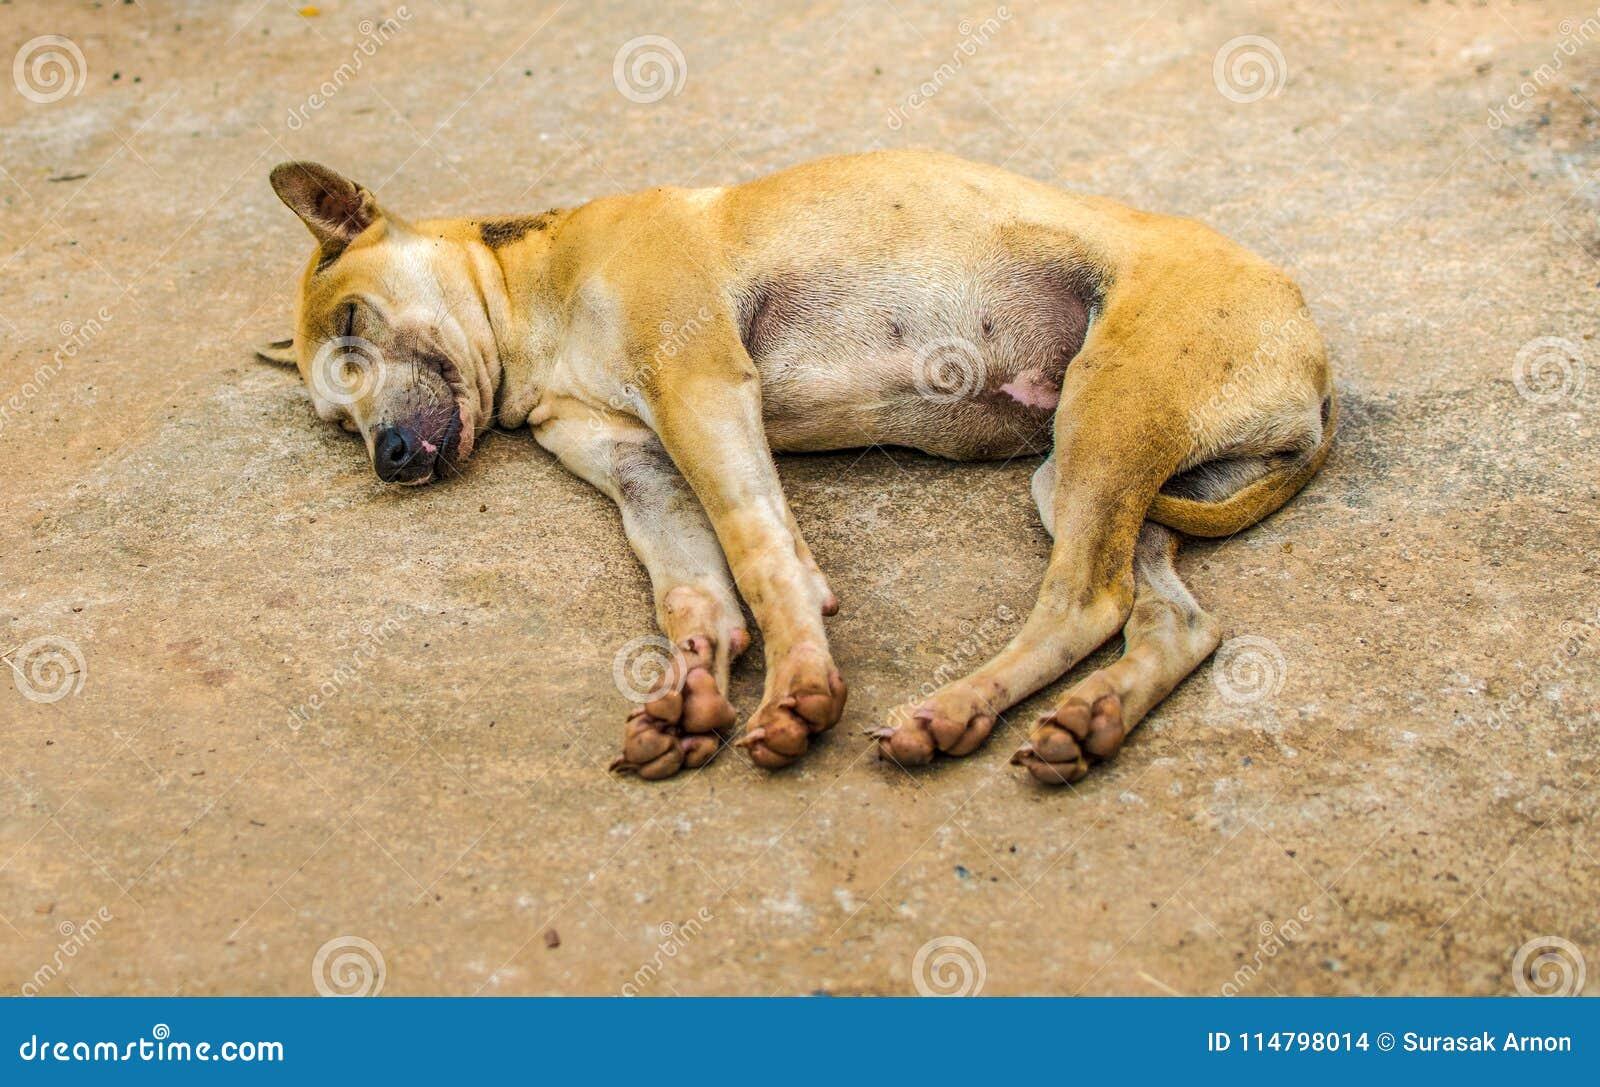 Min hund är apelsin-brunt Sover lyckligt